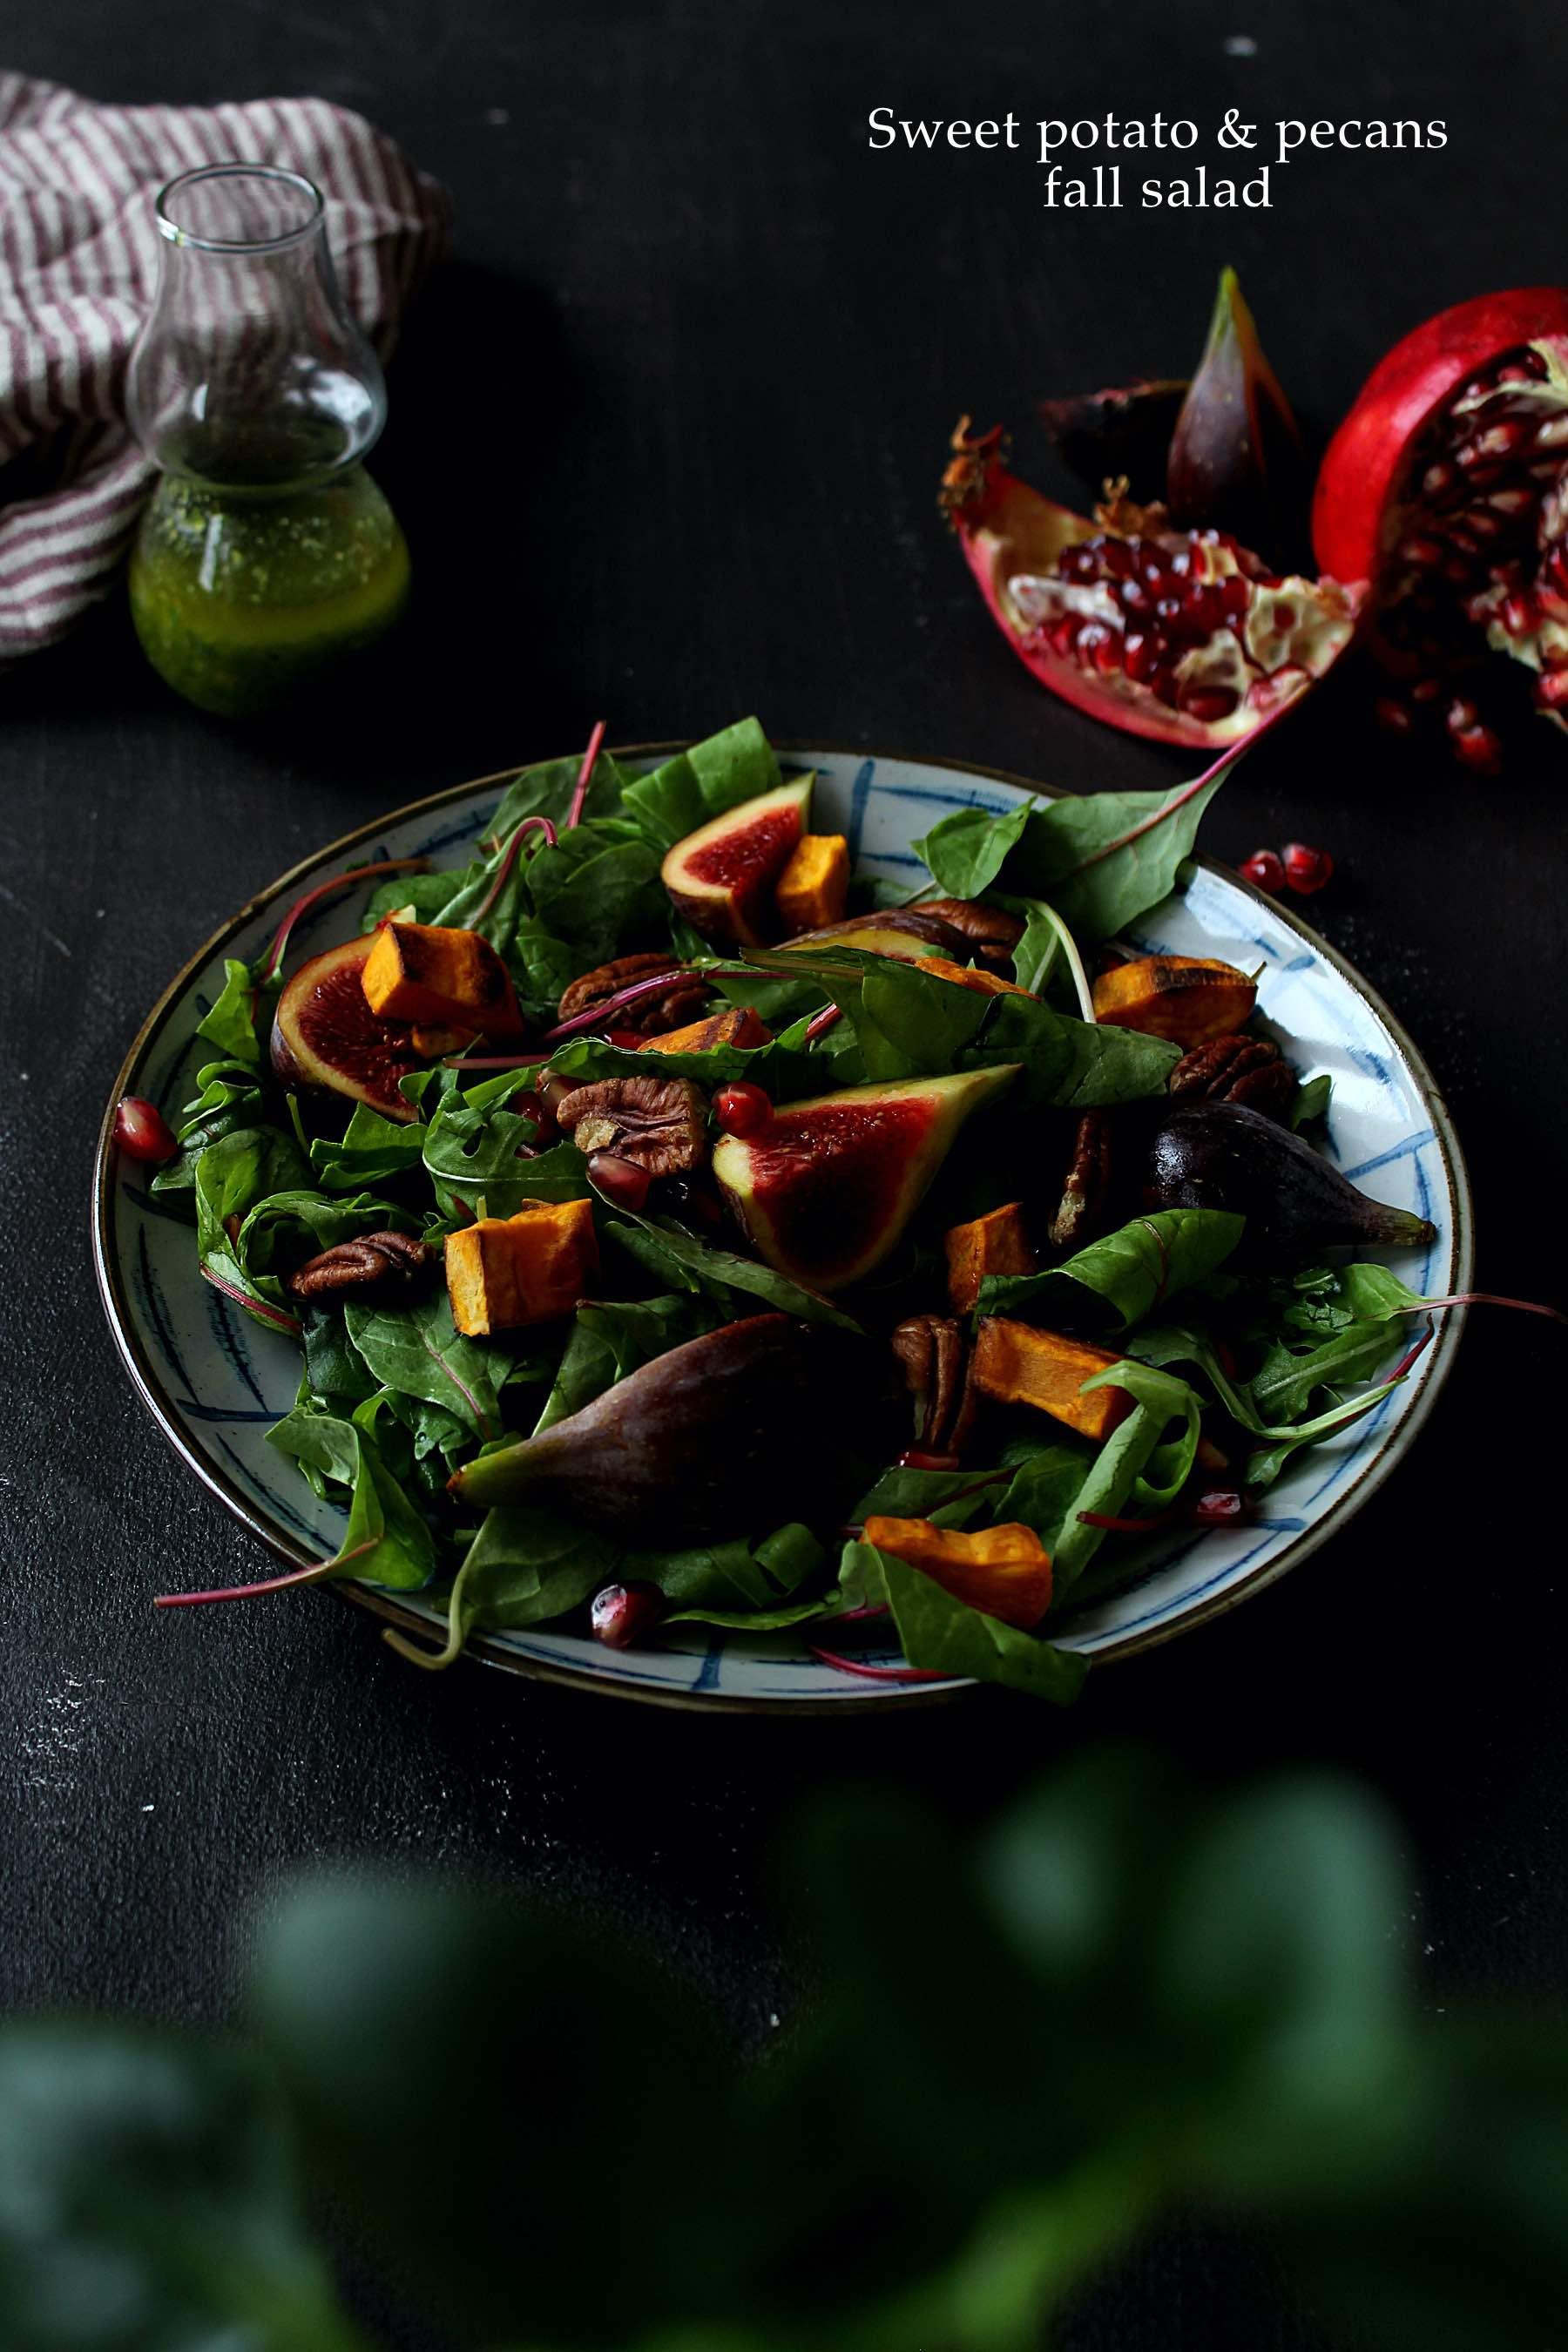 Salade de patate douce aux saveurs d'automne